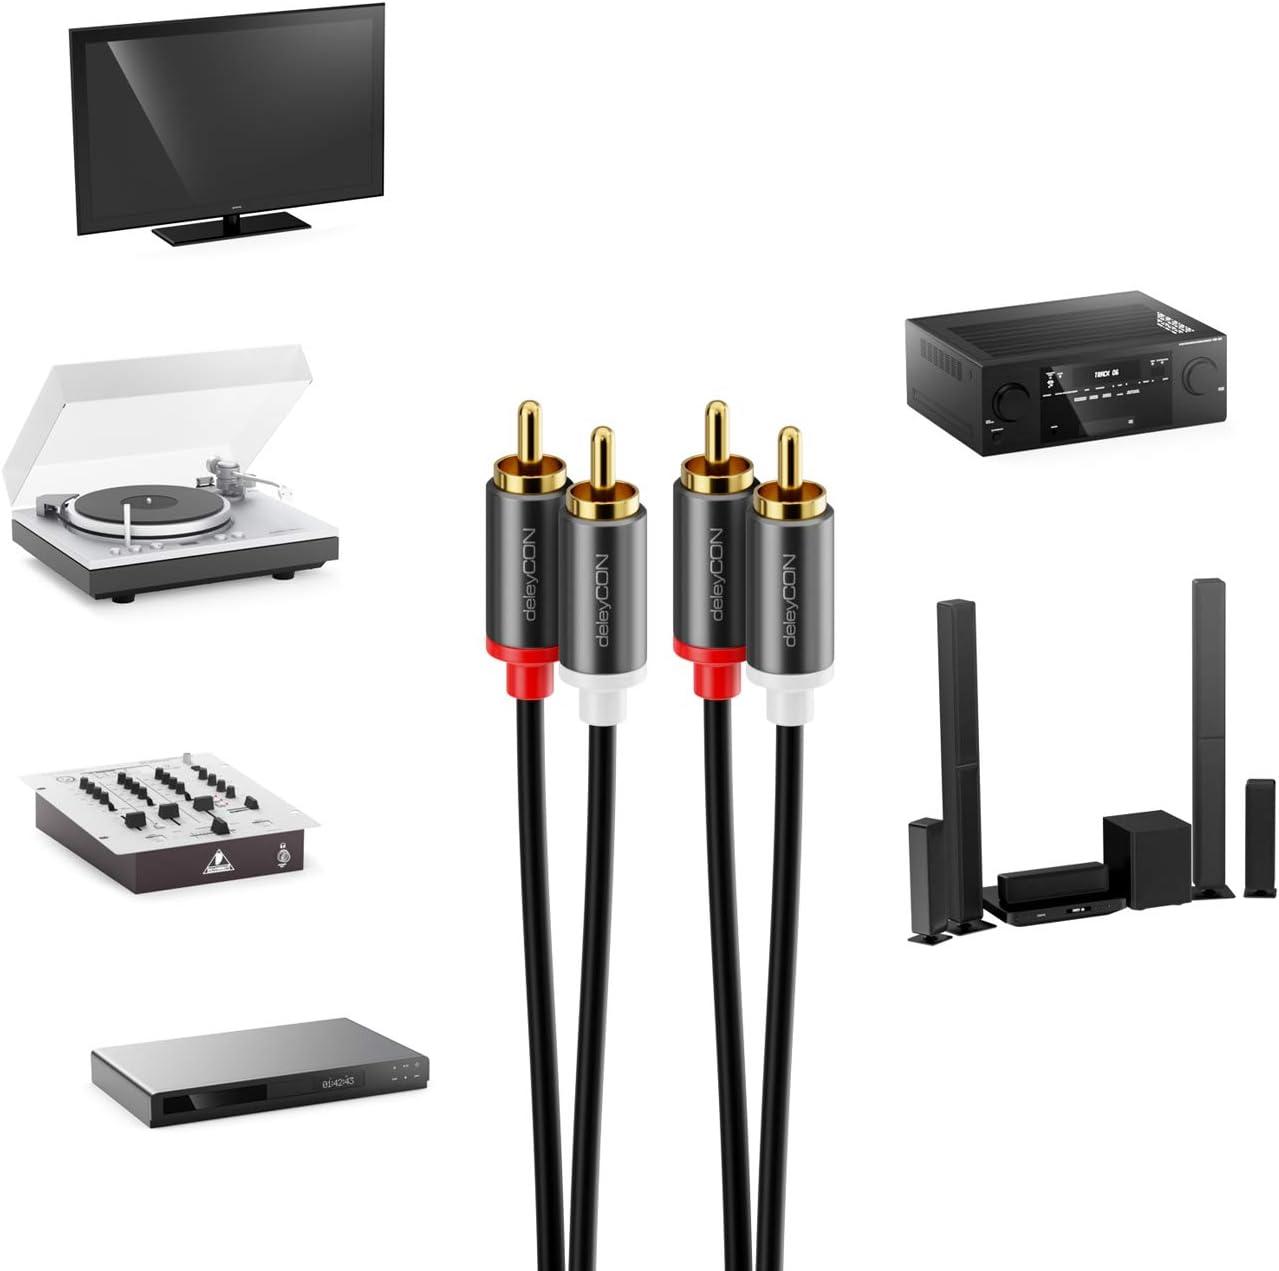 deleyCON 3m Cinch Cable RCA Cable Audio de Alta Fidelidad Conector de Metal Chapado en Oro para Amplificador de Sistema Est/éreo de Cine en Casa Receptor Alta Fidelidad Reproductor BLU-Ray